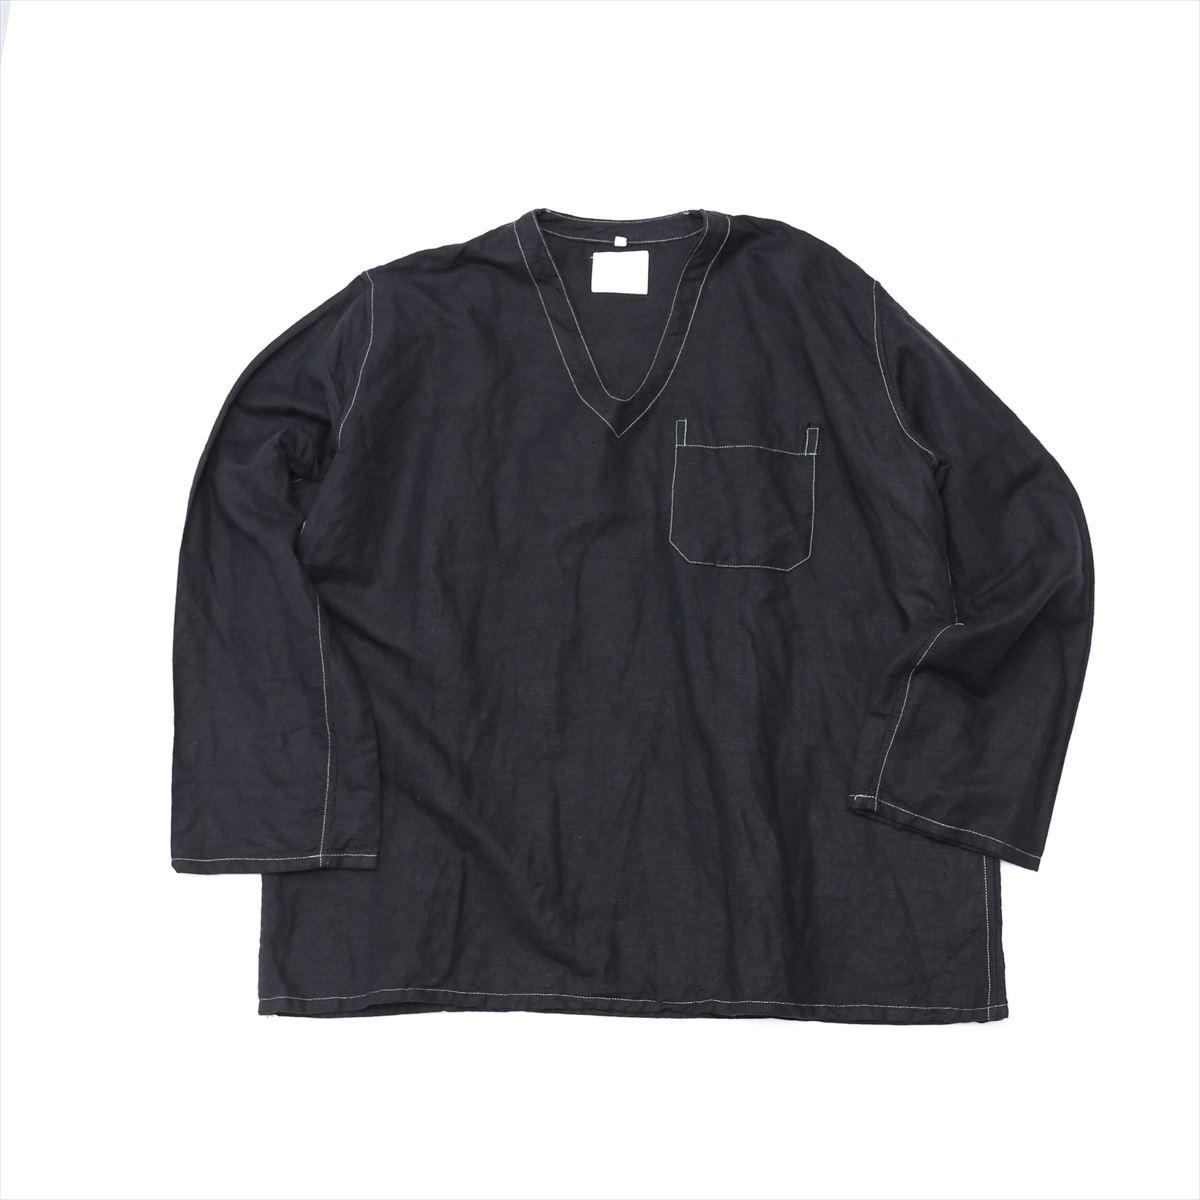 黒染めサンプル商品_トップス